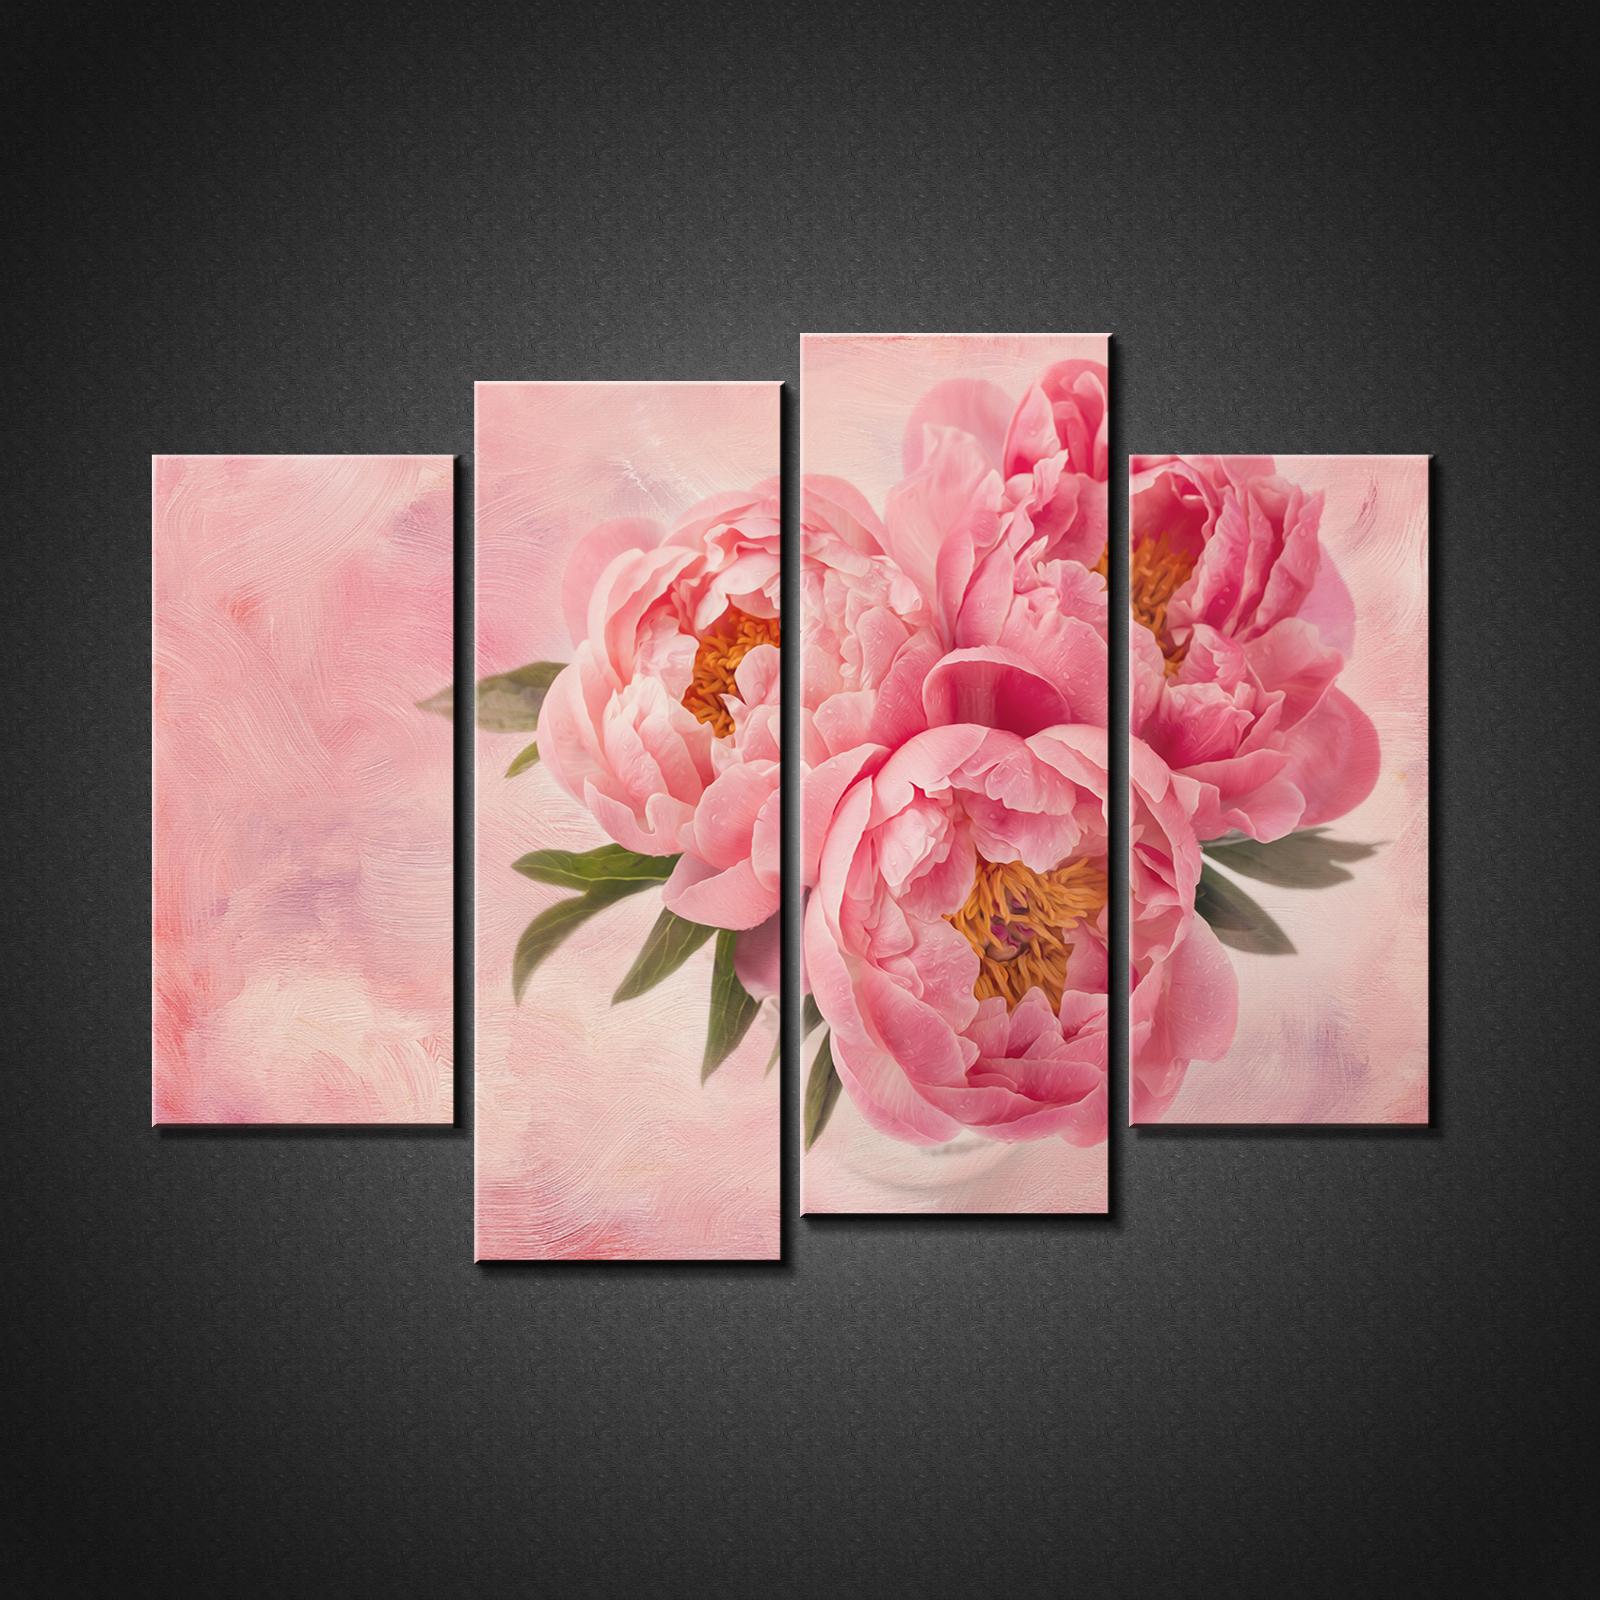 Rose Pivoine flowerscanvas Imprimé Photo Wall Art Home Decor